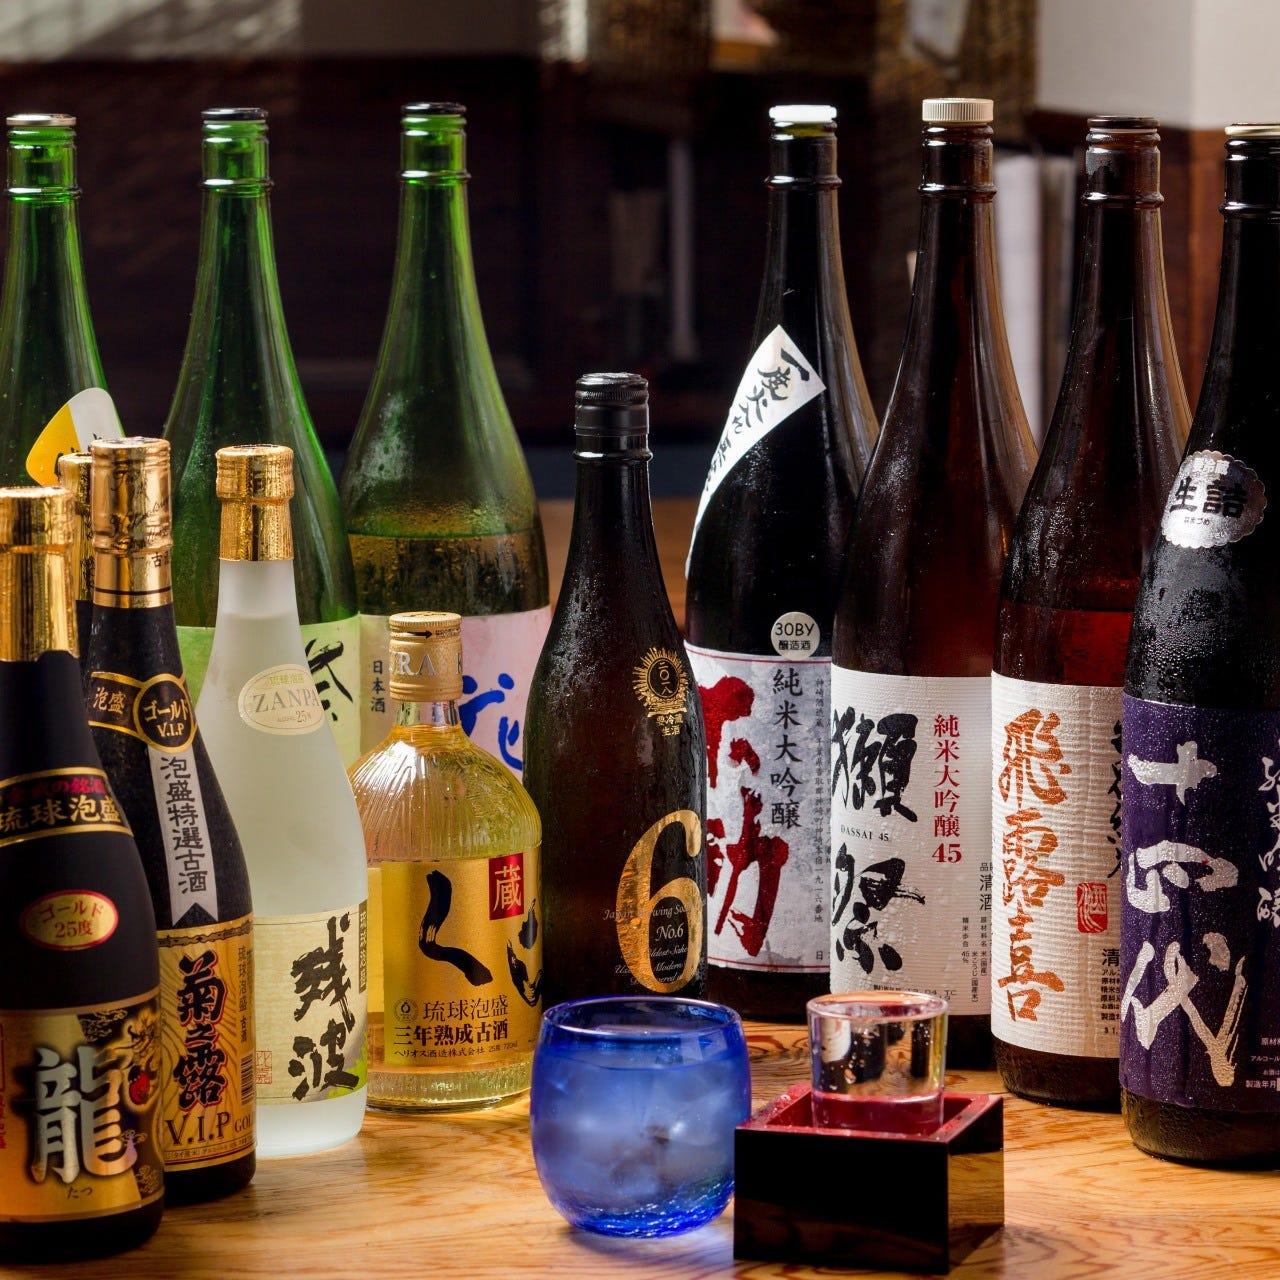 種類豊富!日本酒に泡盛・果実酒も